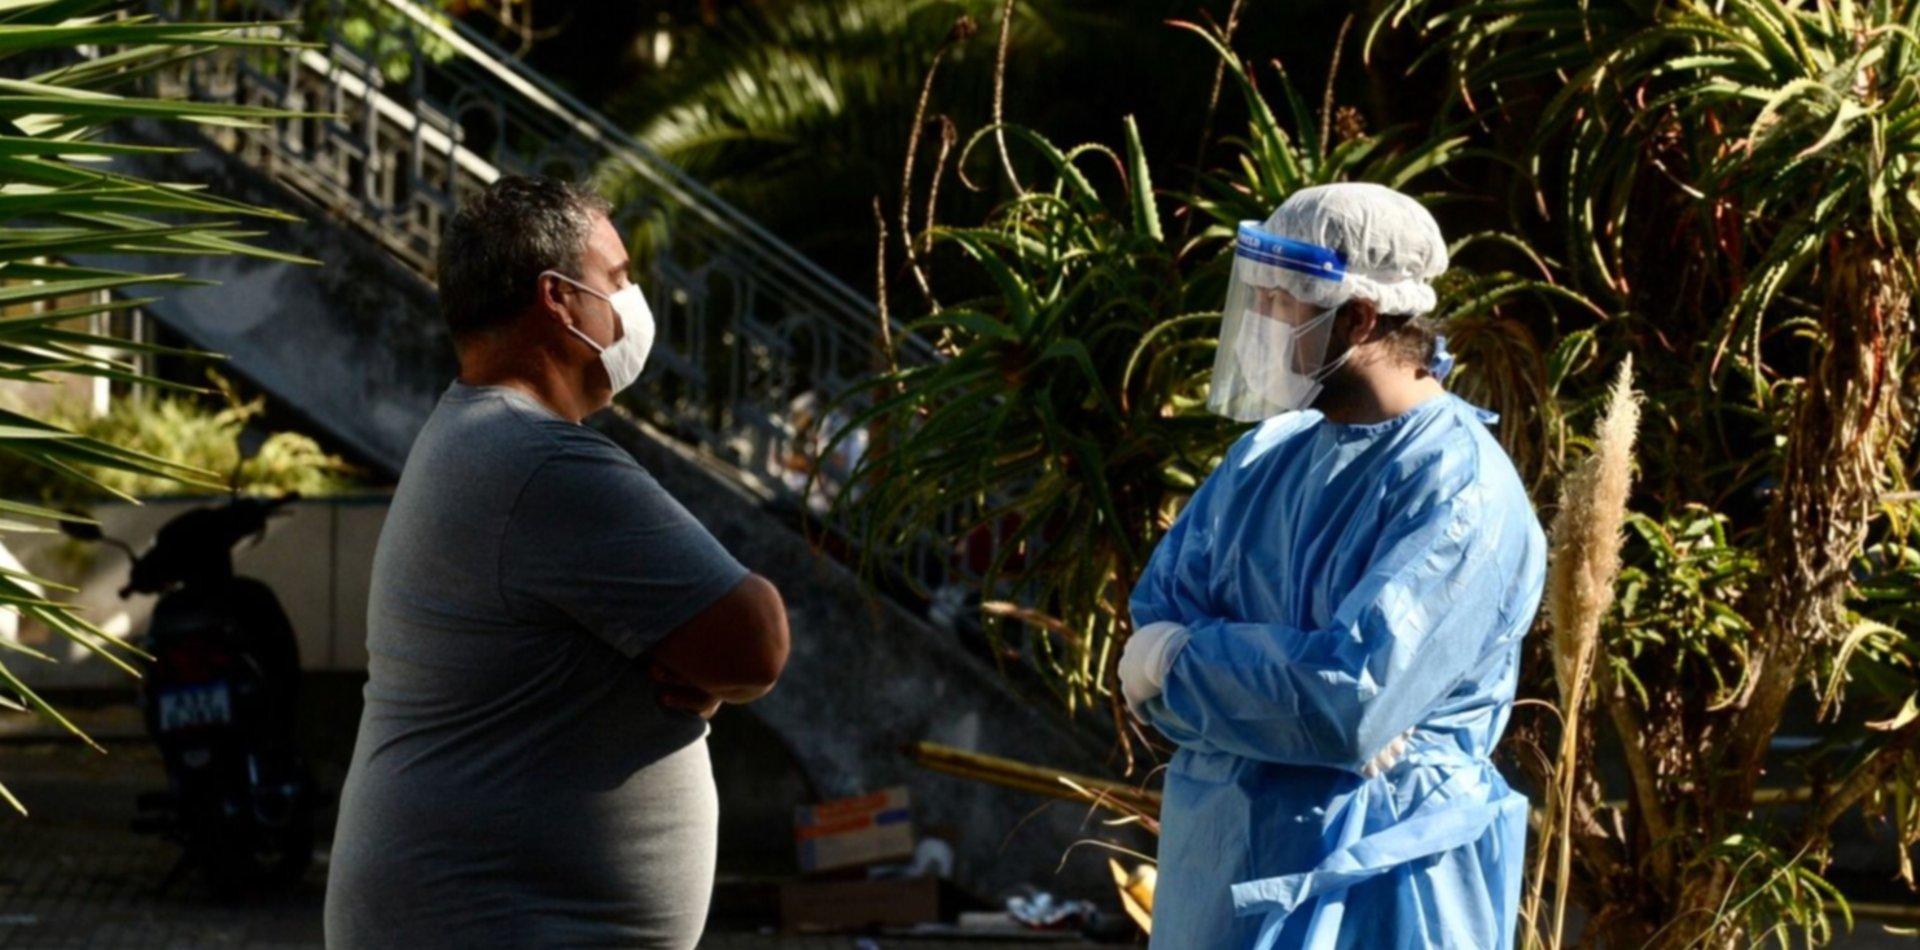 El Municipio recomienda cómo actuar ante un caso de coronavirus en La Plata